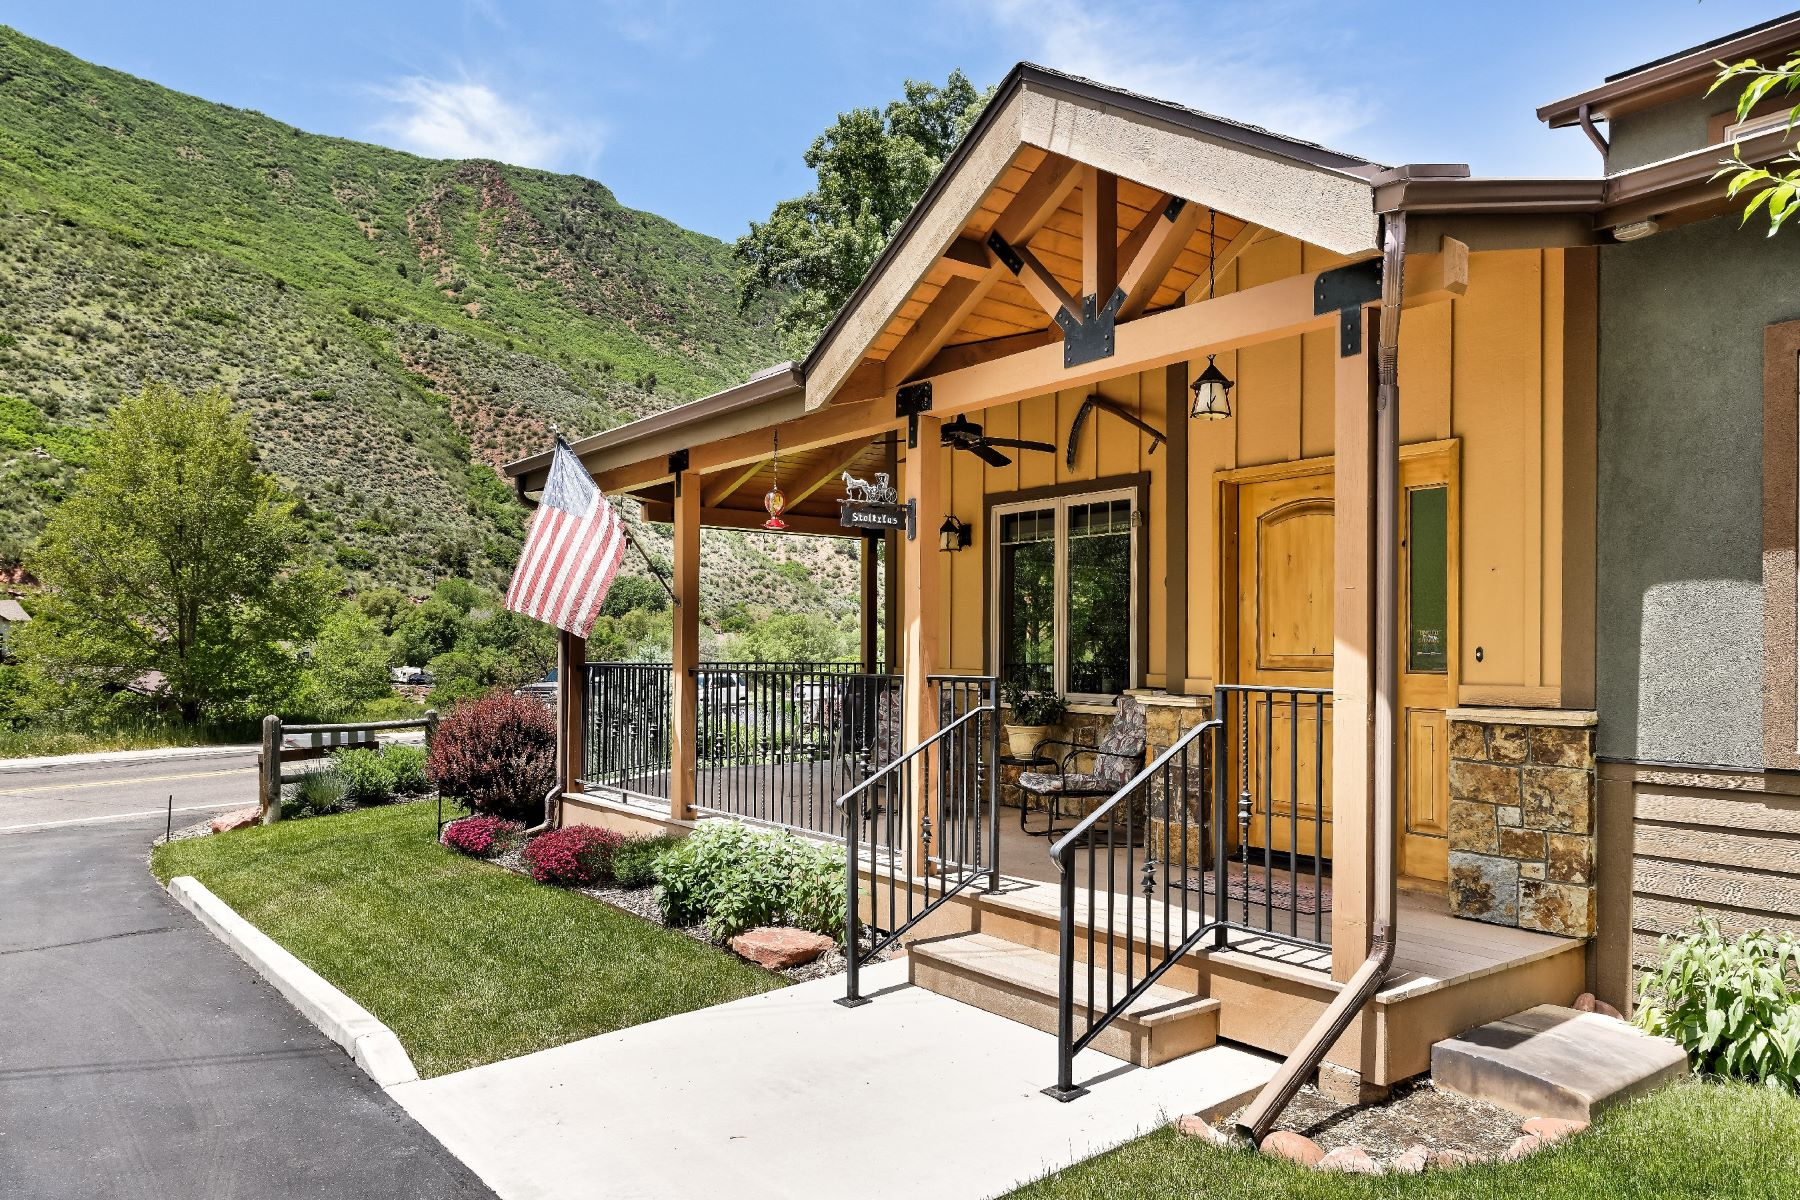 Propiedad en venta Glenwood Springs